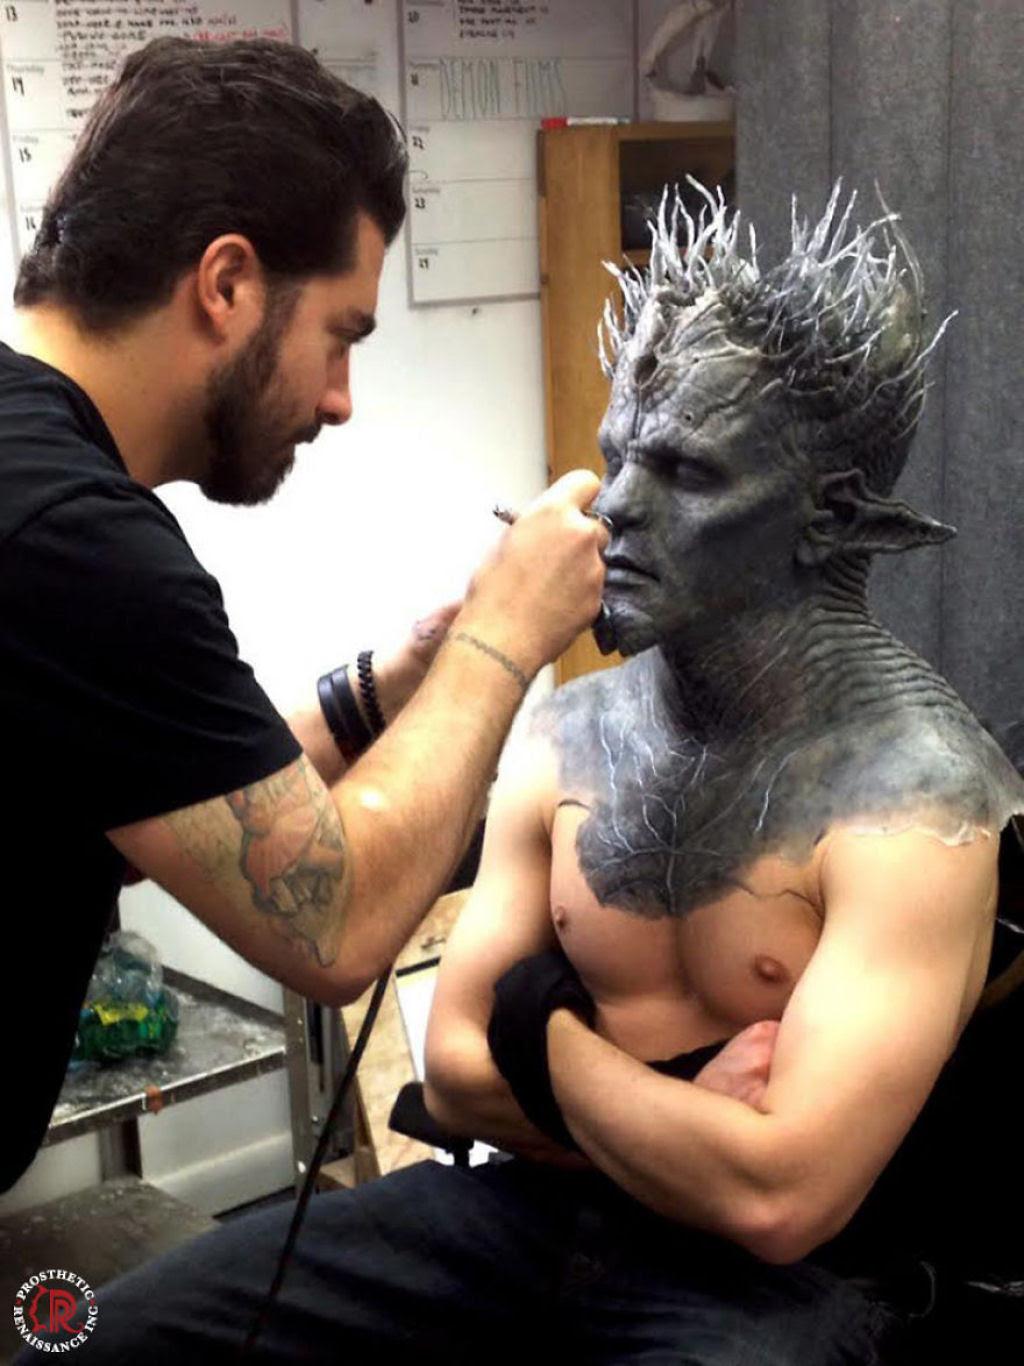 O trabalho desses artistas da maquiagem protética é tão bom que você nem acredita que é realmente maquiagem 06